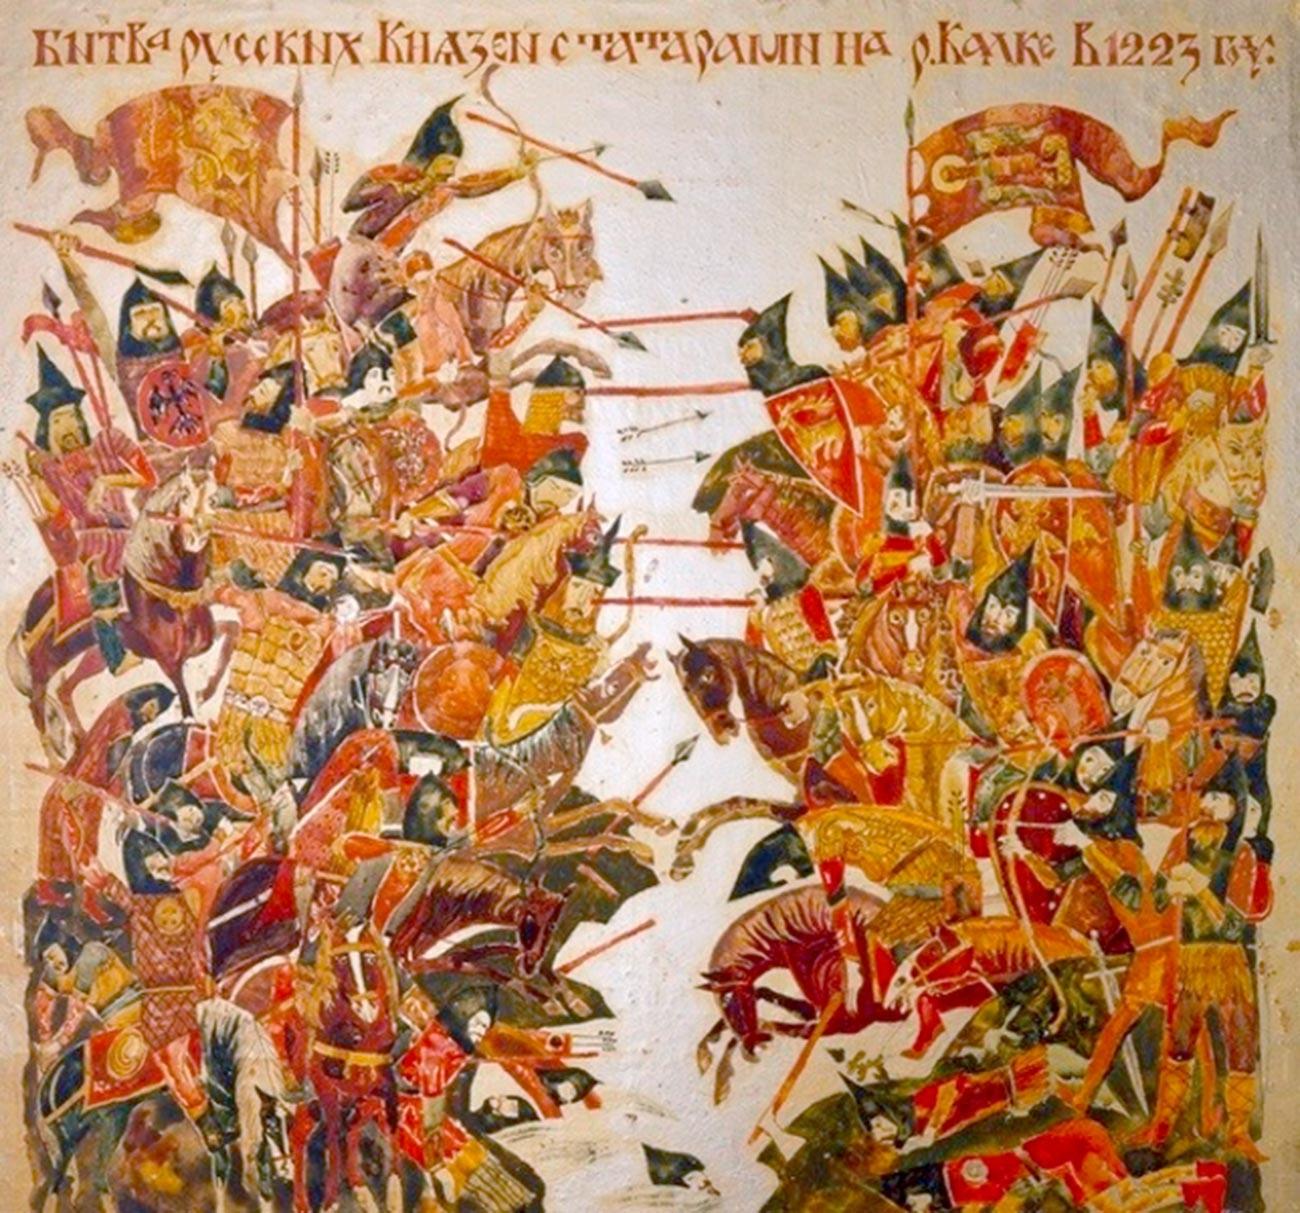 Битката на река Калка, 1223 г. По-късно реконструирано изображение